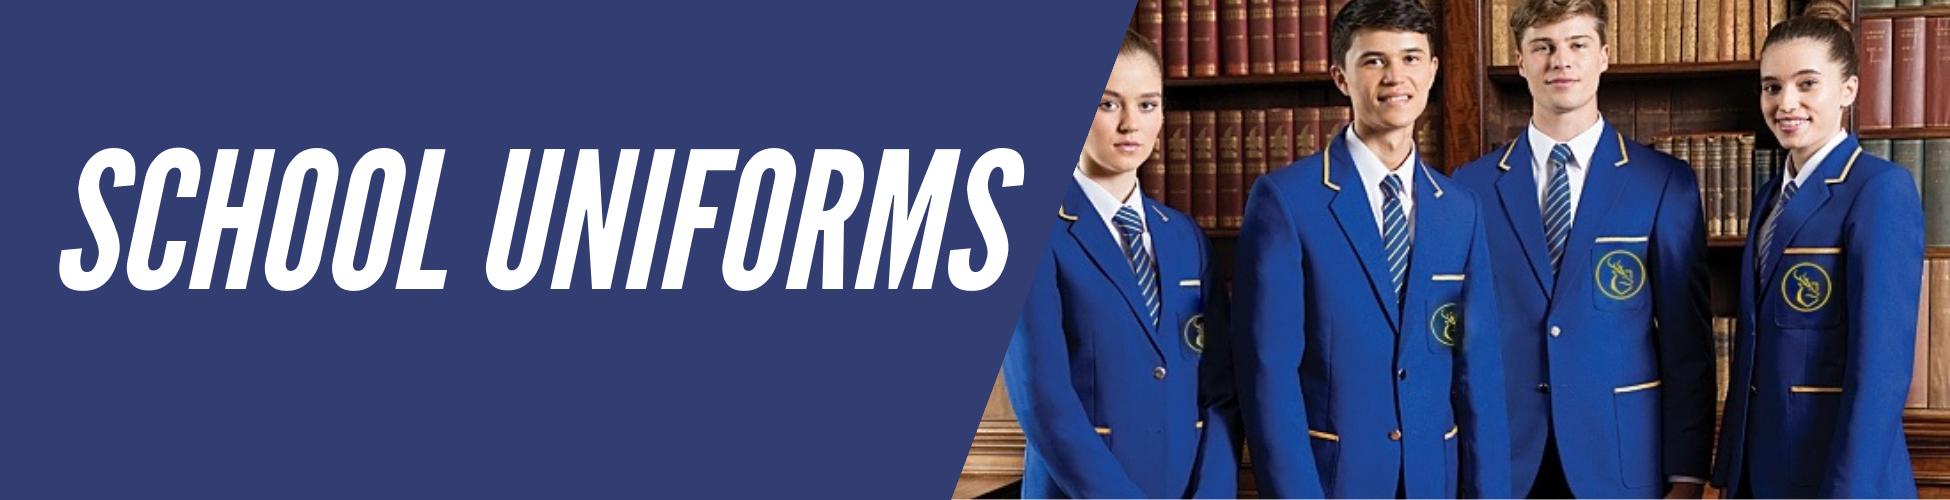 school-uniforms-banner-v3.png